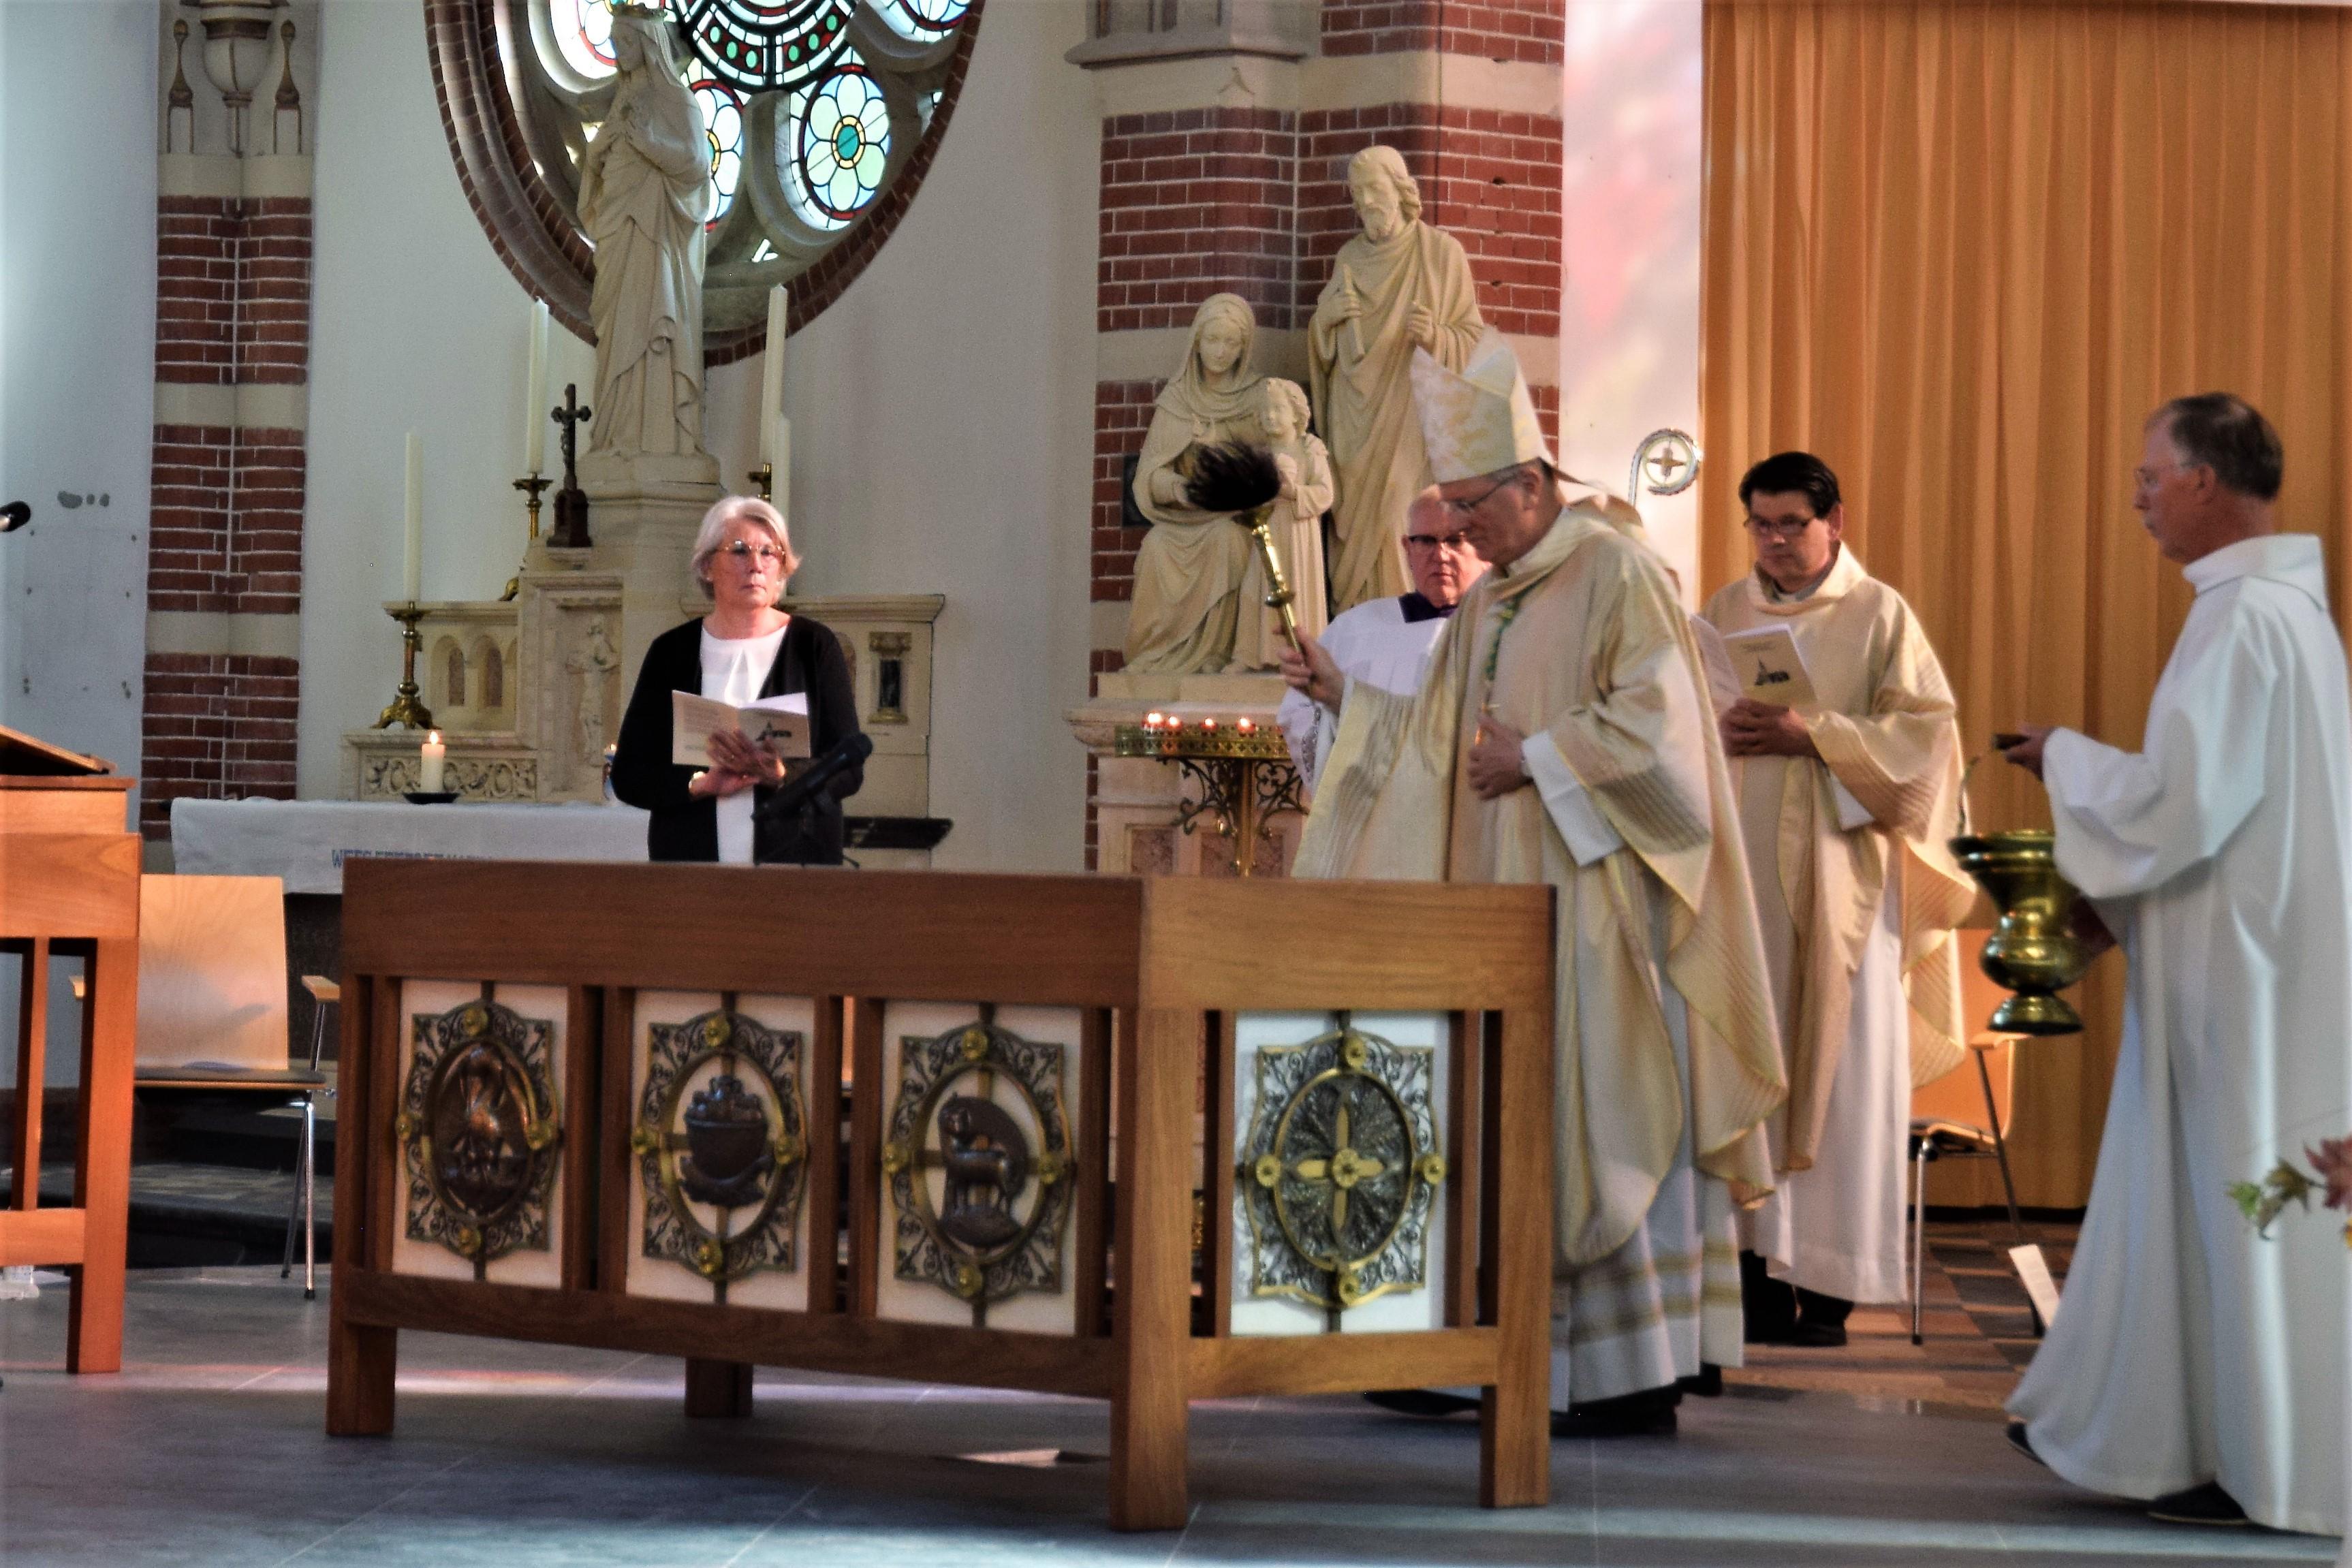 Bisschop Hendriks wijdt het altaar in van de Corneliuskerk, die ruim twee jaar geleden uitbrandde